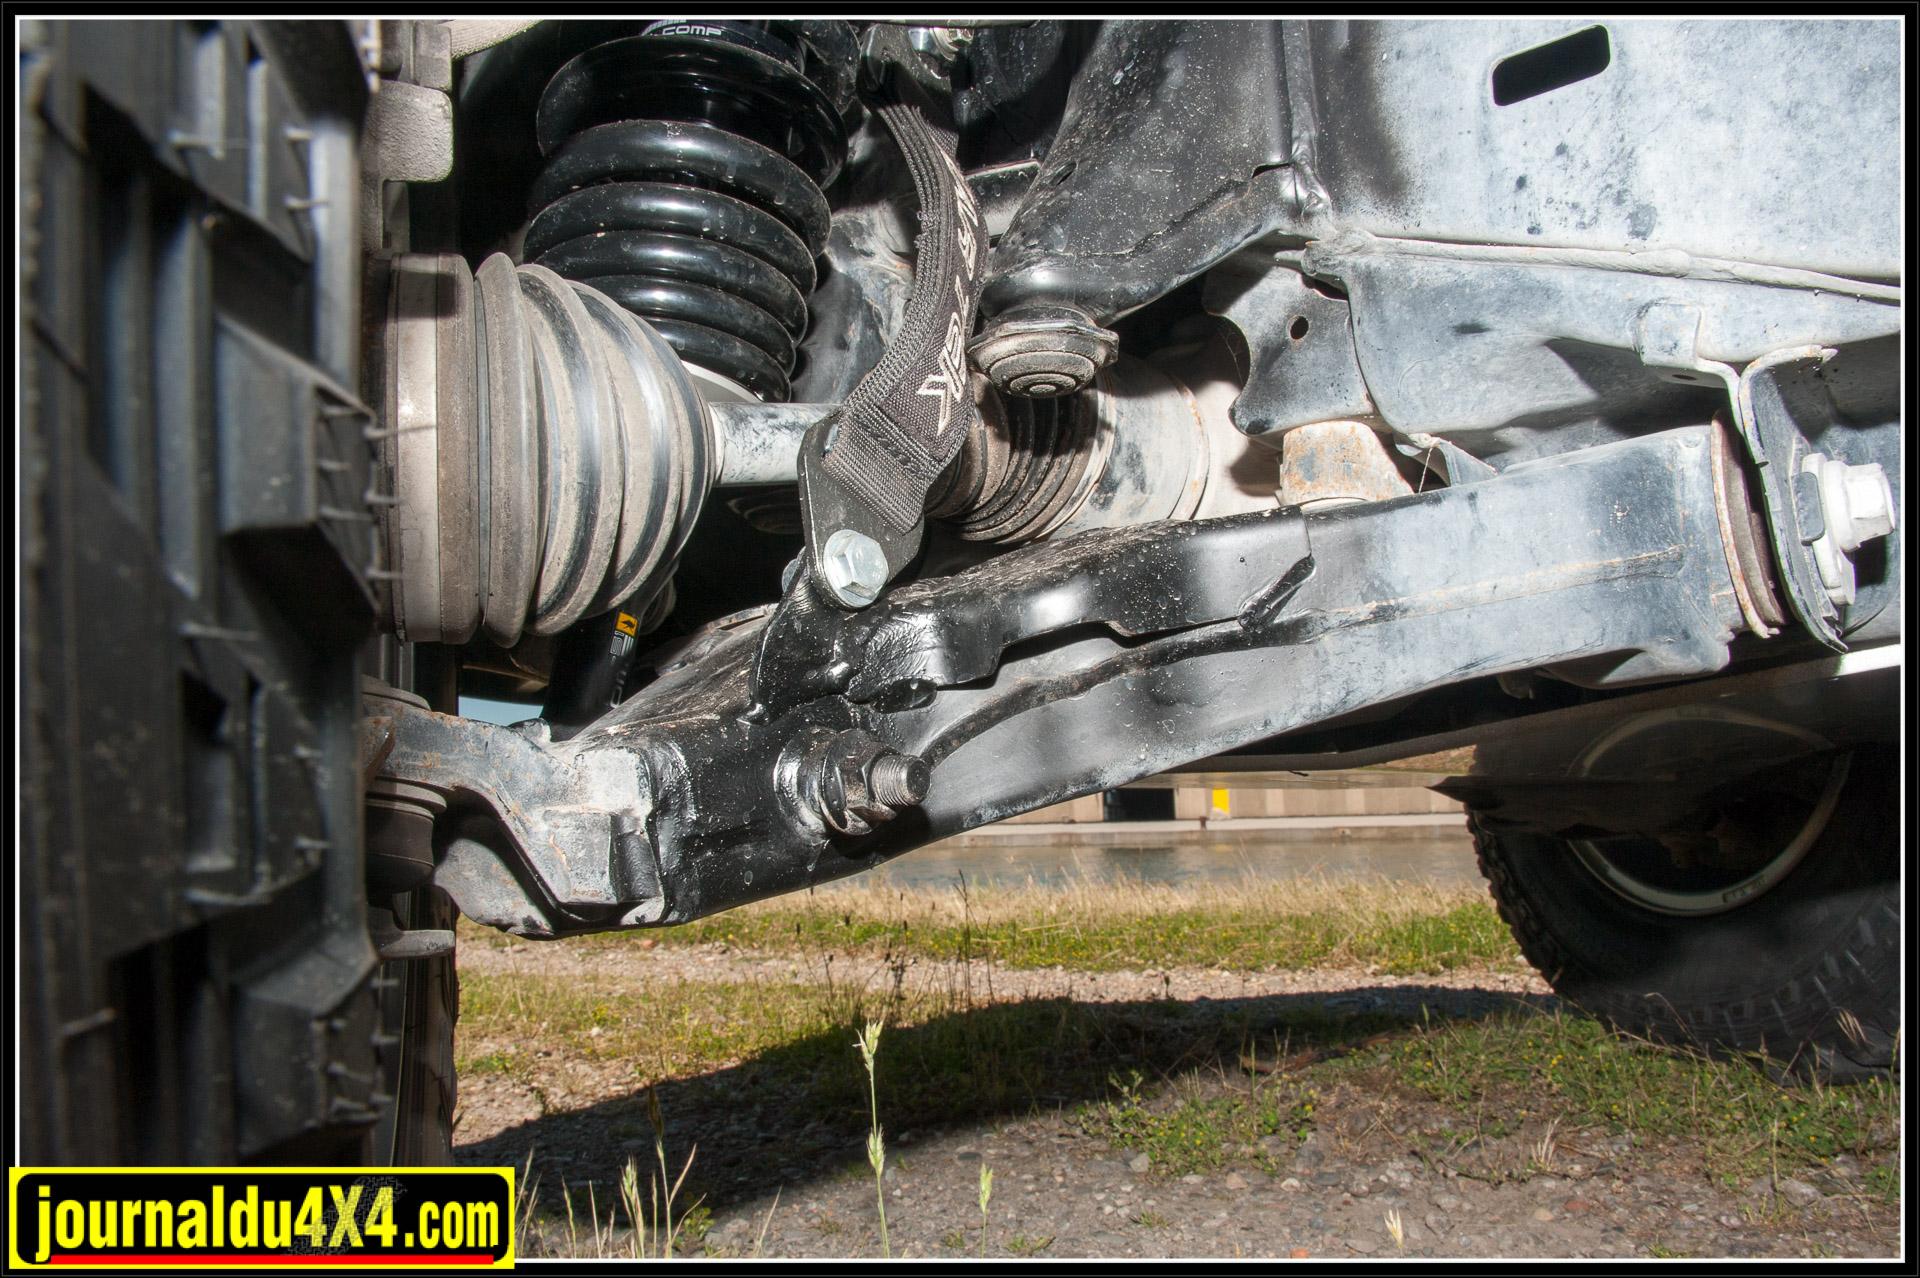 Des sangles anti débattement complètent l'amortissement du véhicule